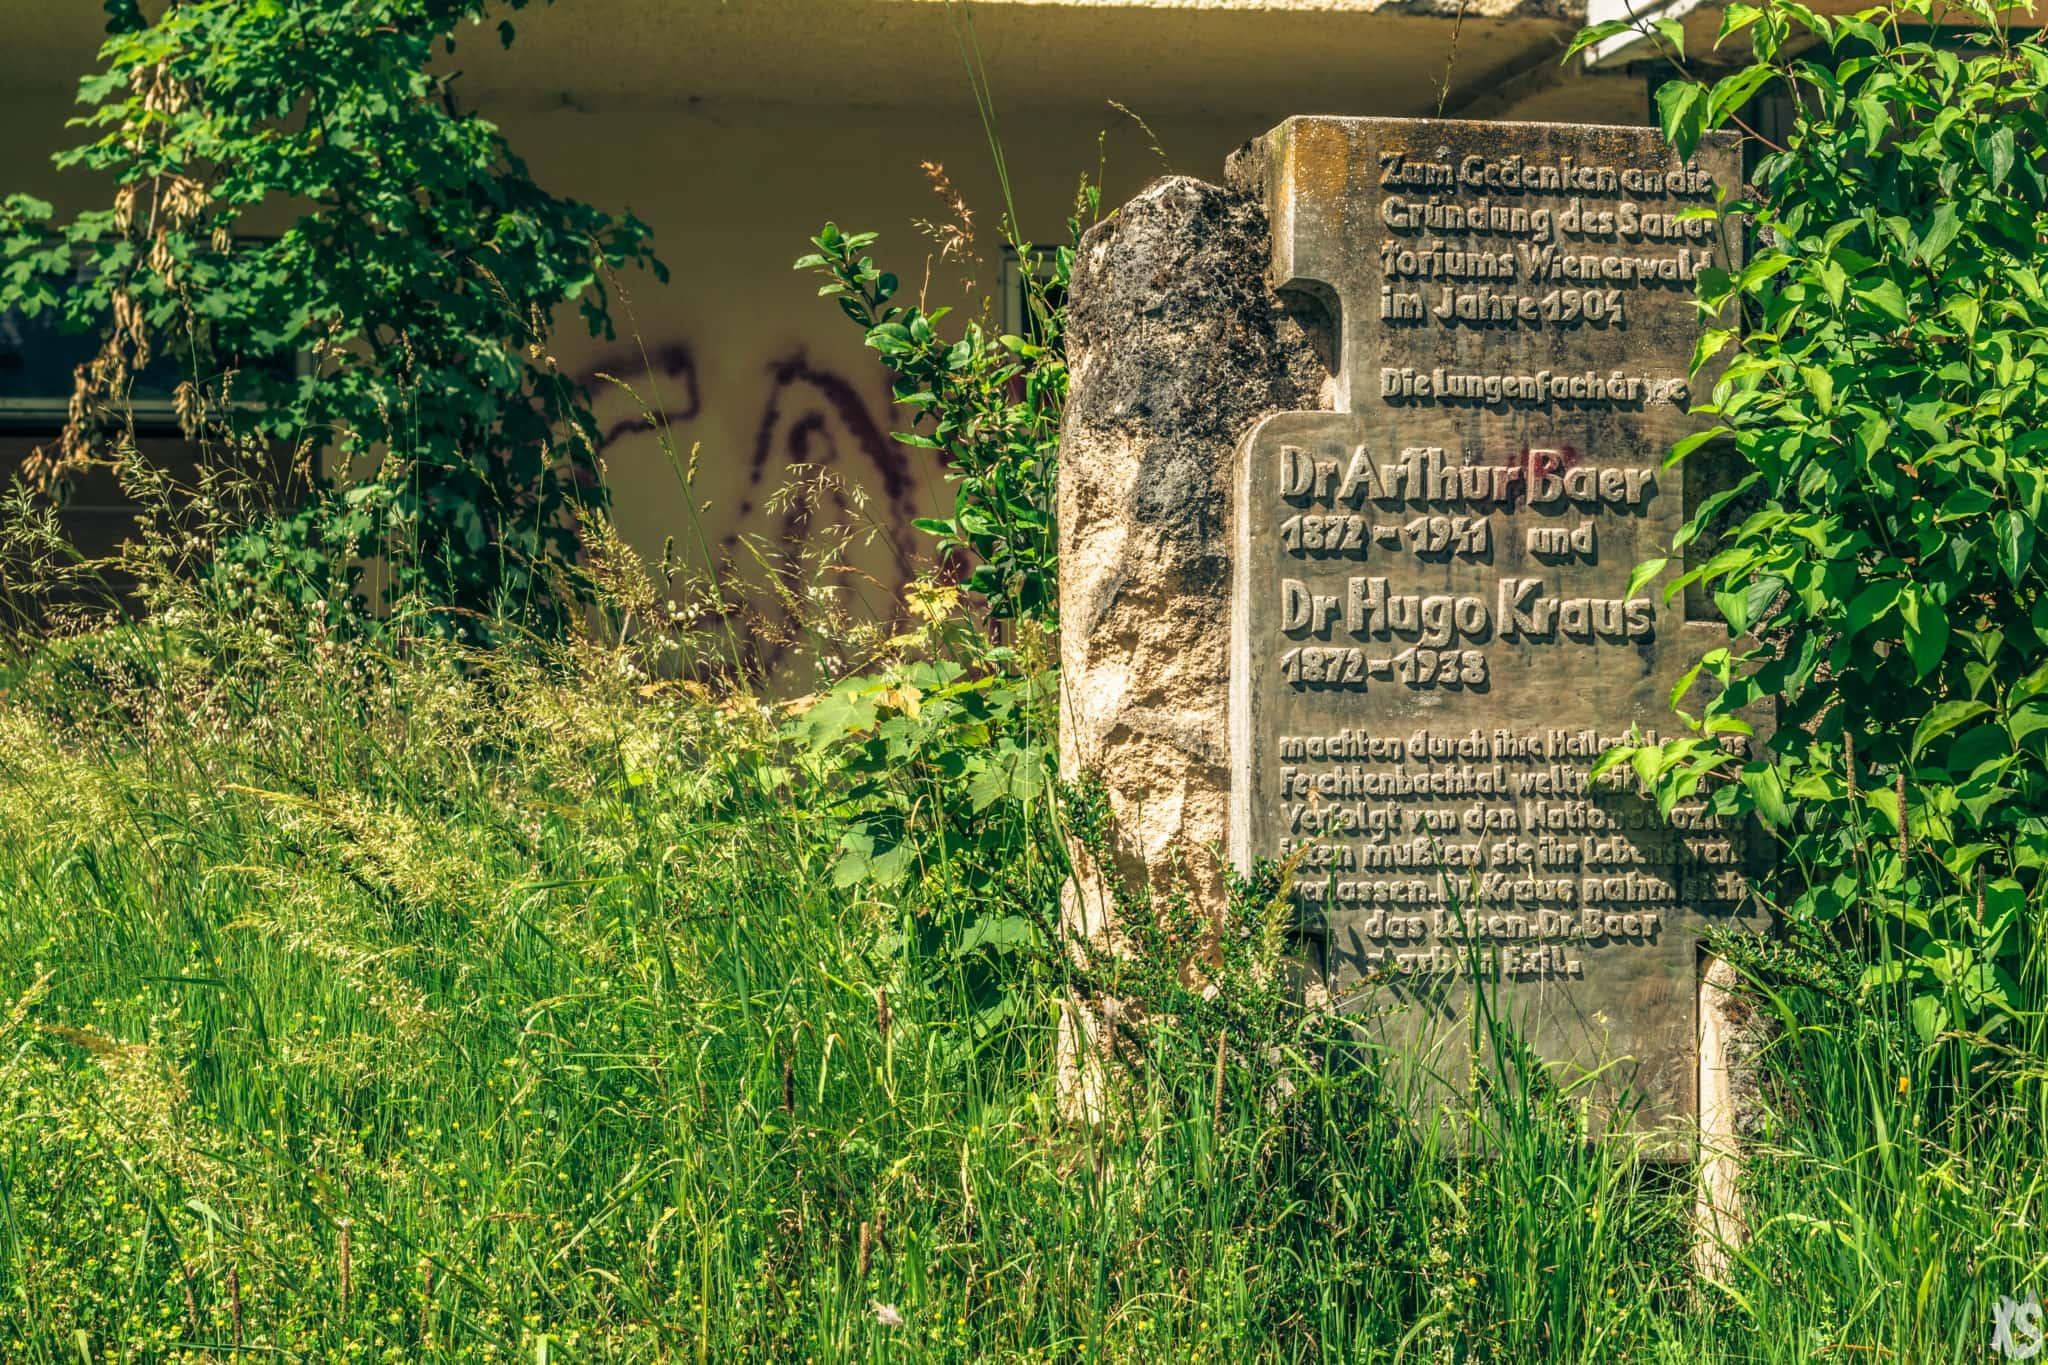 sanatorium-wienerwald-14